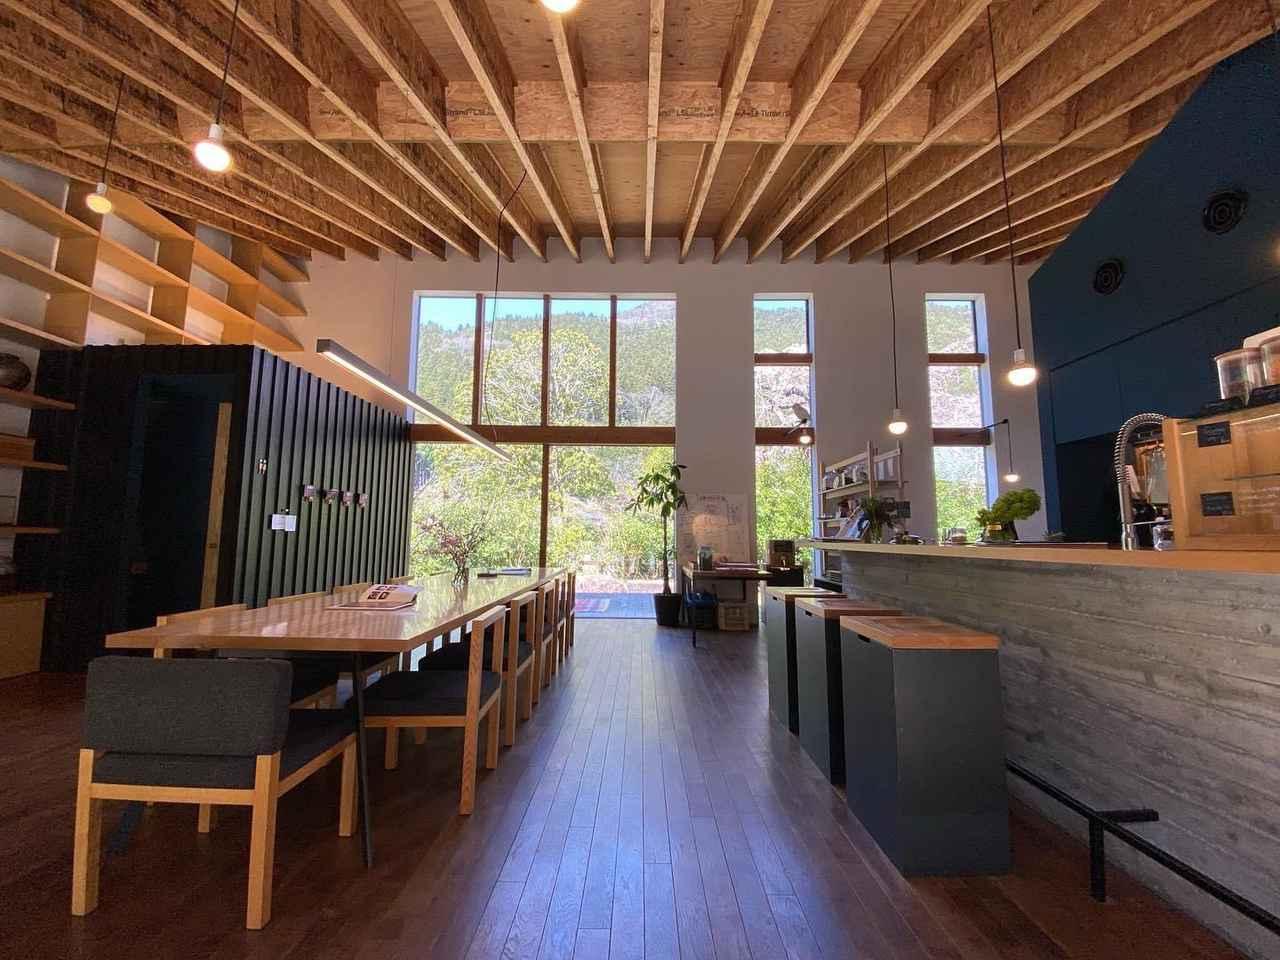 画像3: 自然を五感で感じられる『Cafe polestar』でゆったりランチ